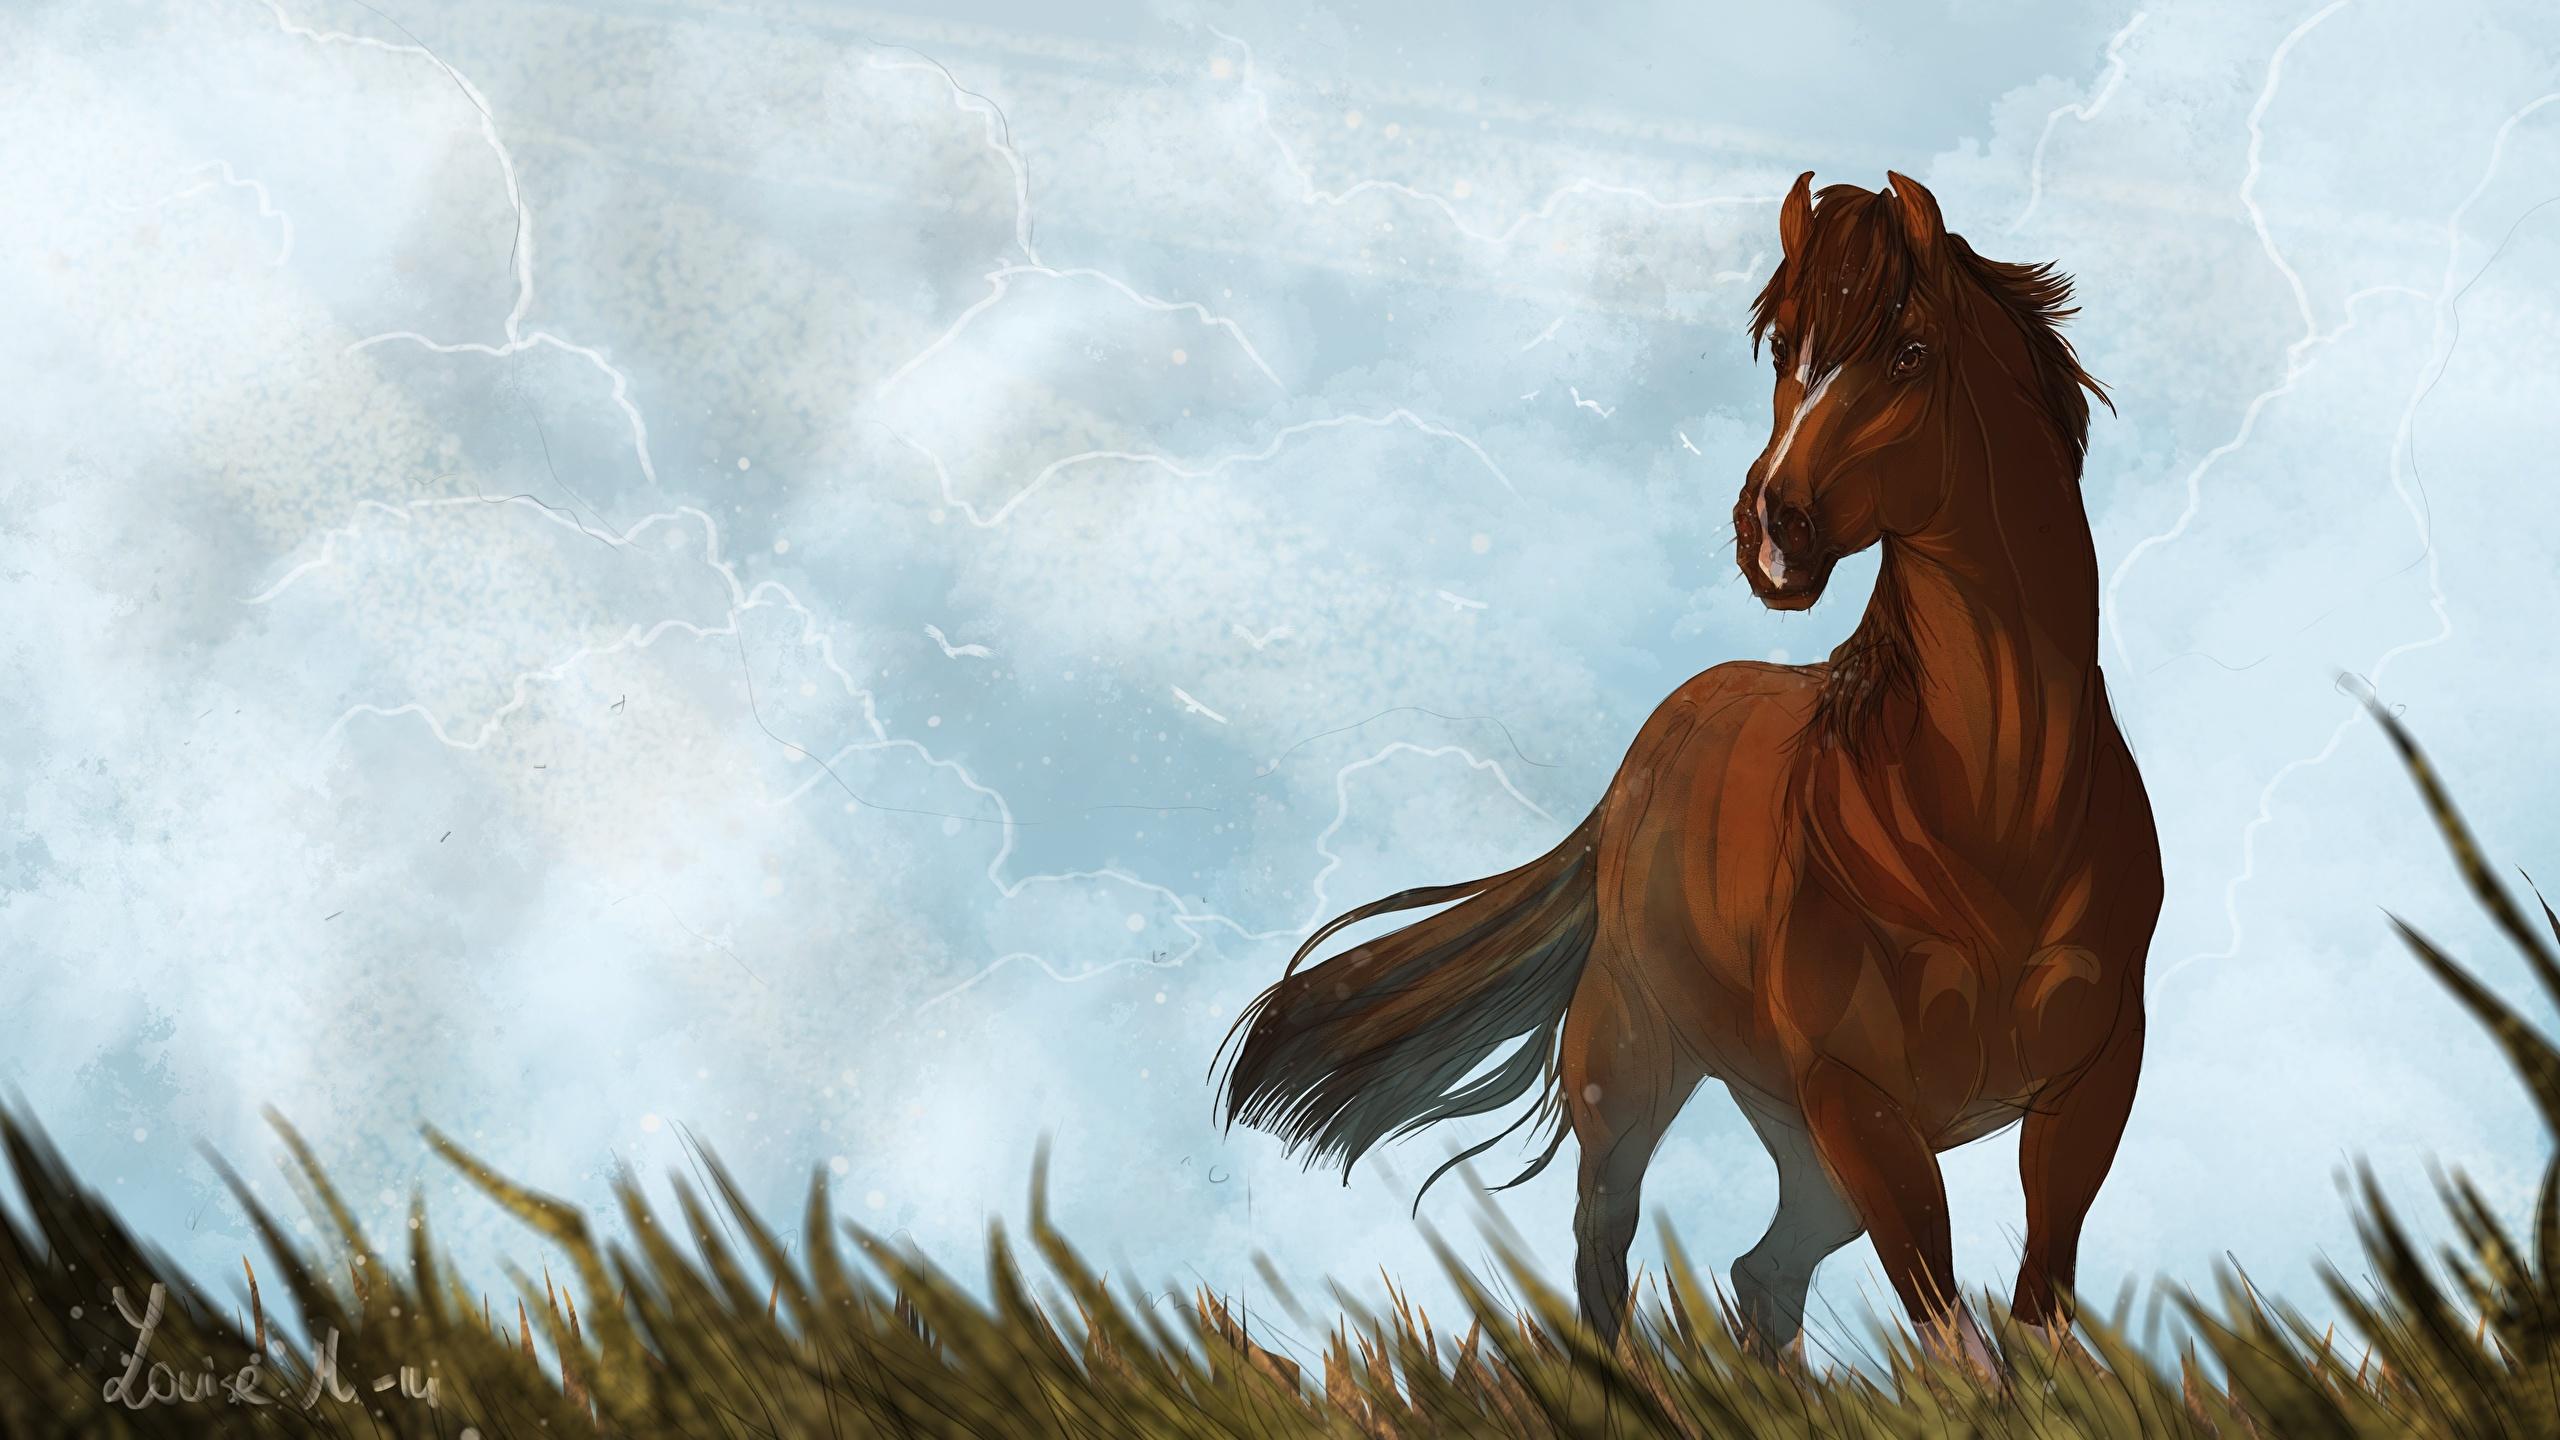 Desktop Wallpapers Spirit Stallion Of The Cimarron Horses 2560x1440